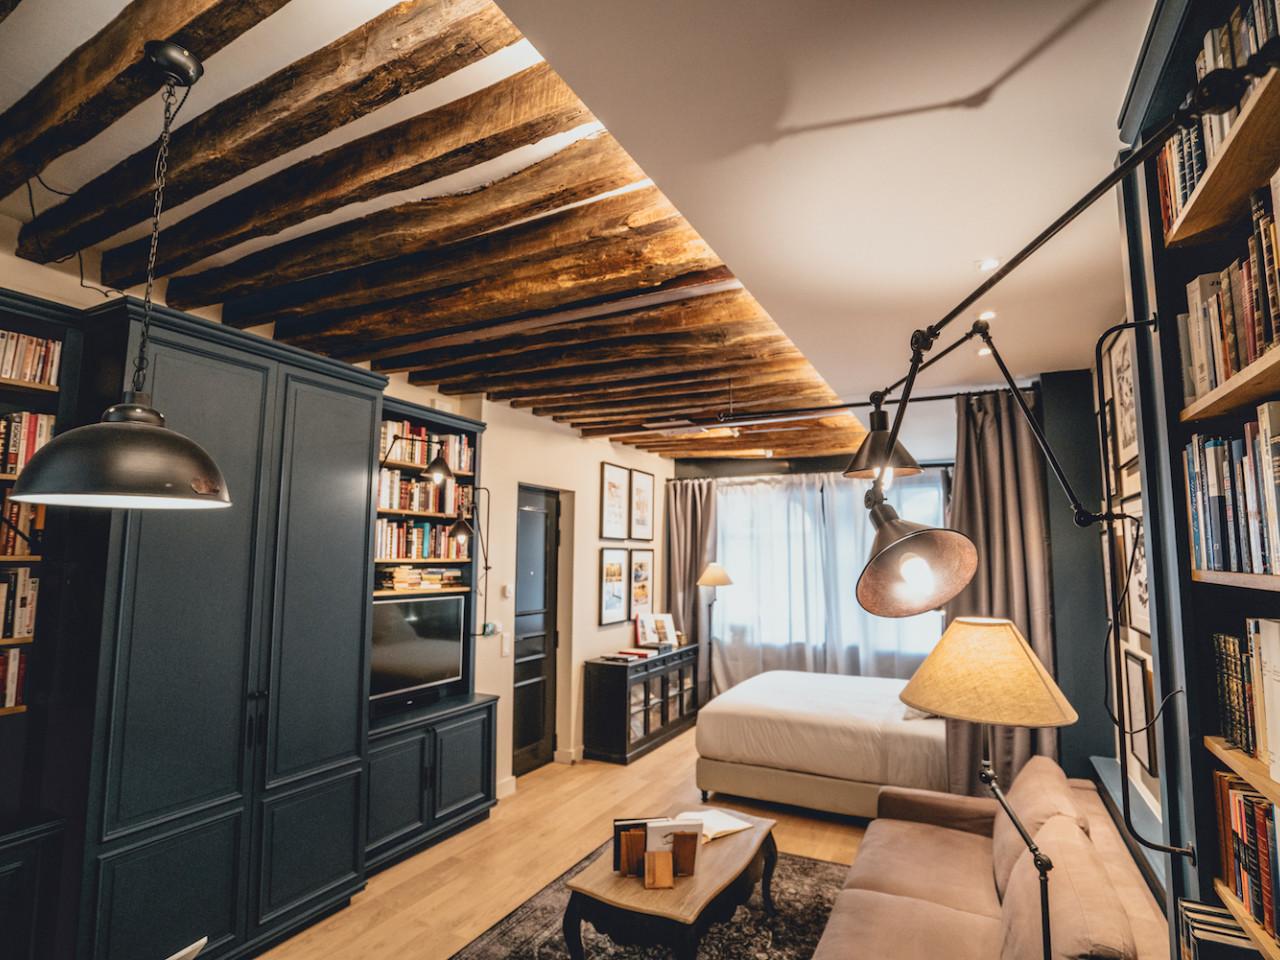 Hotel e alloggi insoliti a Parigi